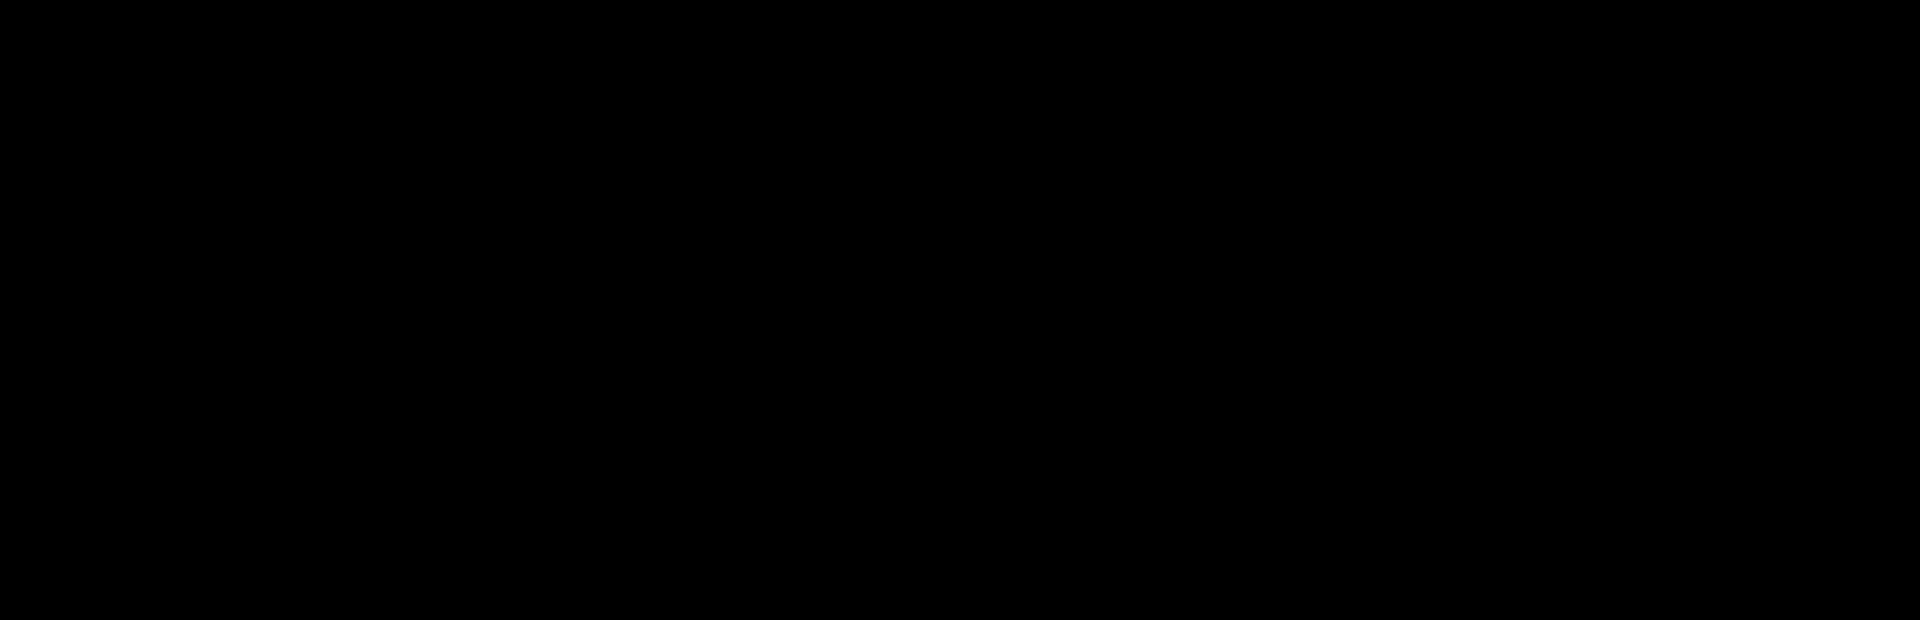 transparent-slider.png